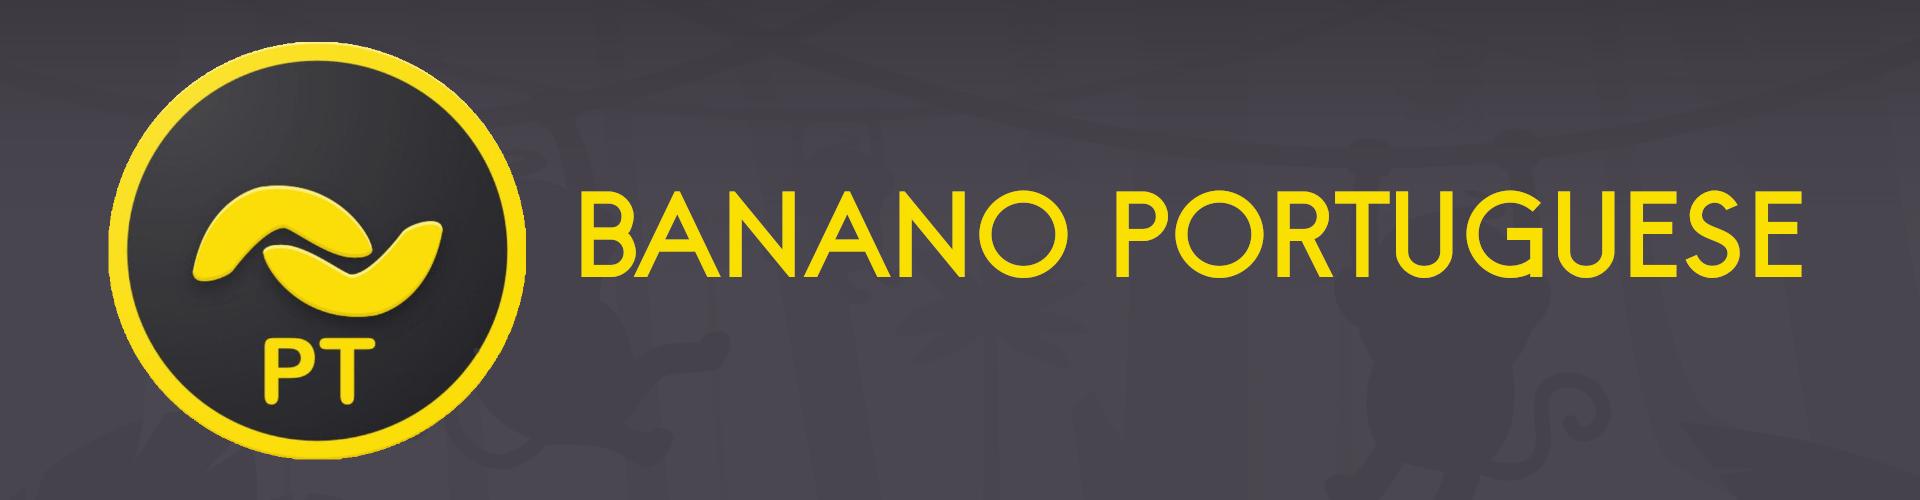 BananoPT